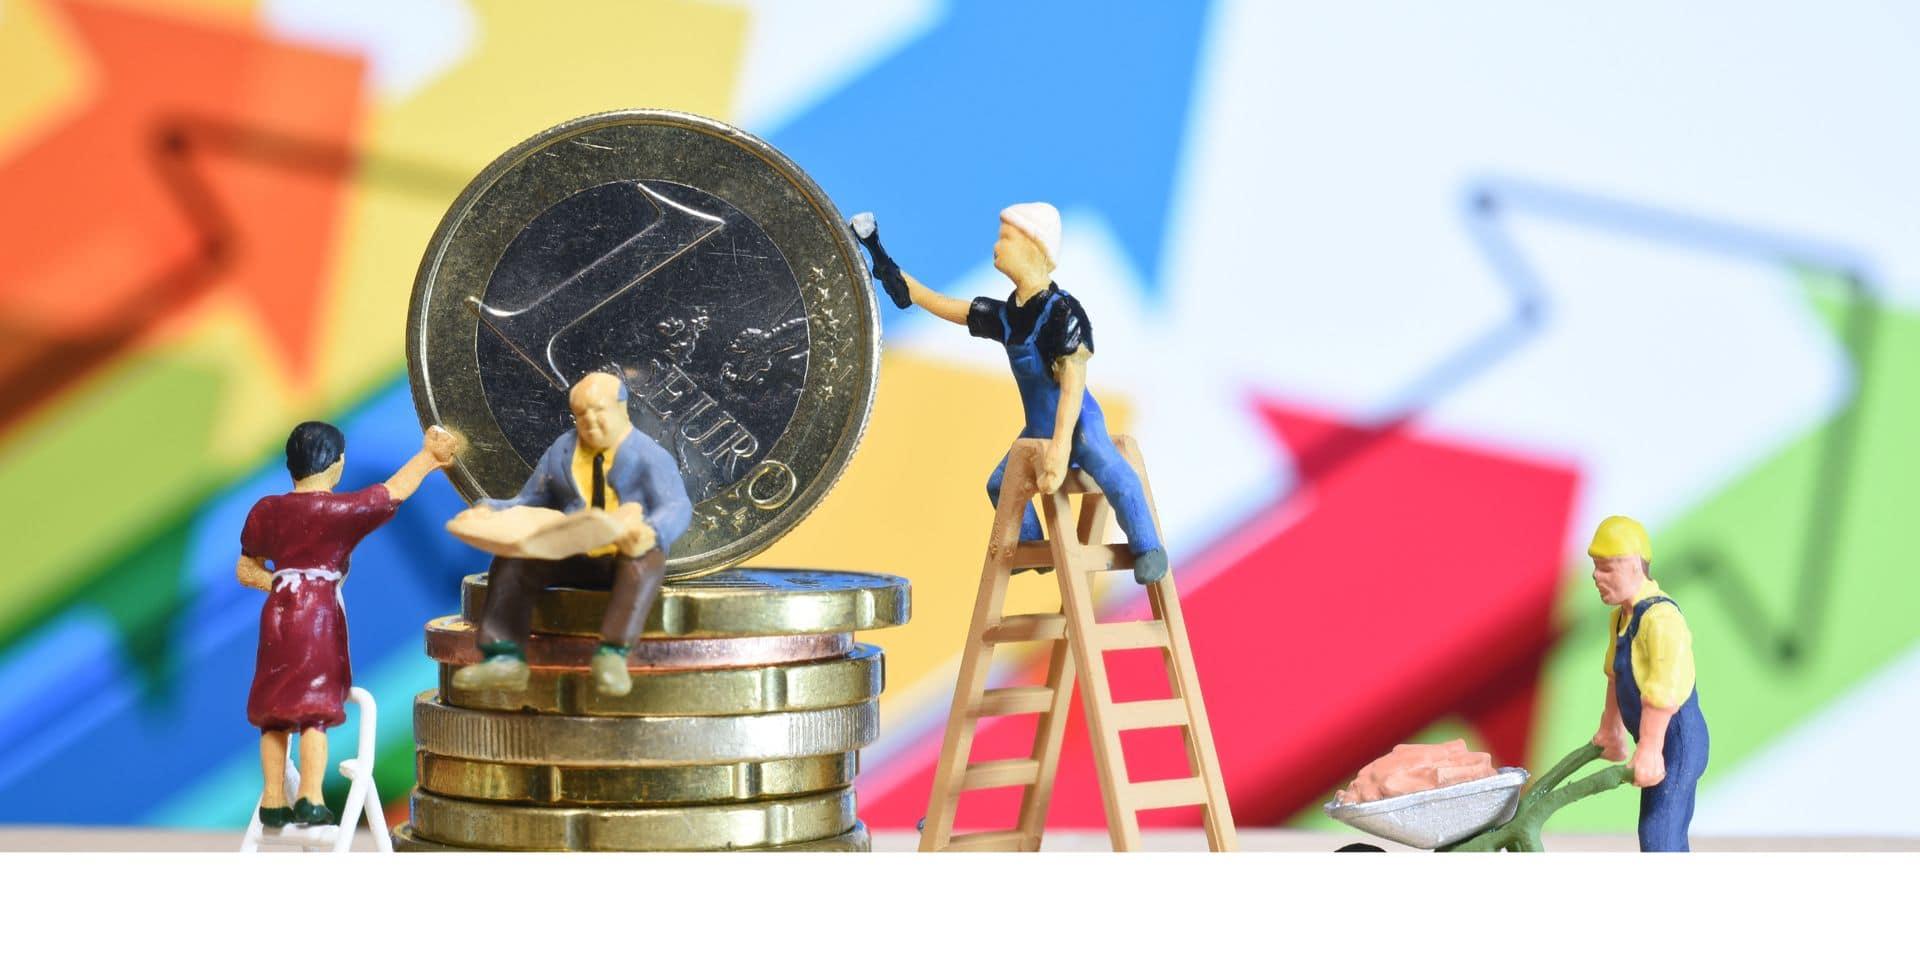 Le salaire minimum pourrait augmenter de 58 euros brut par mois